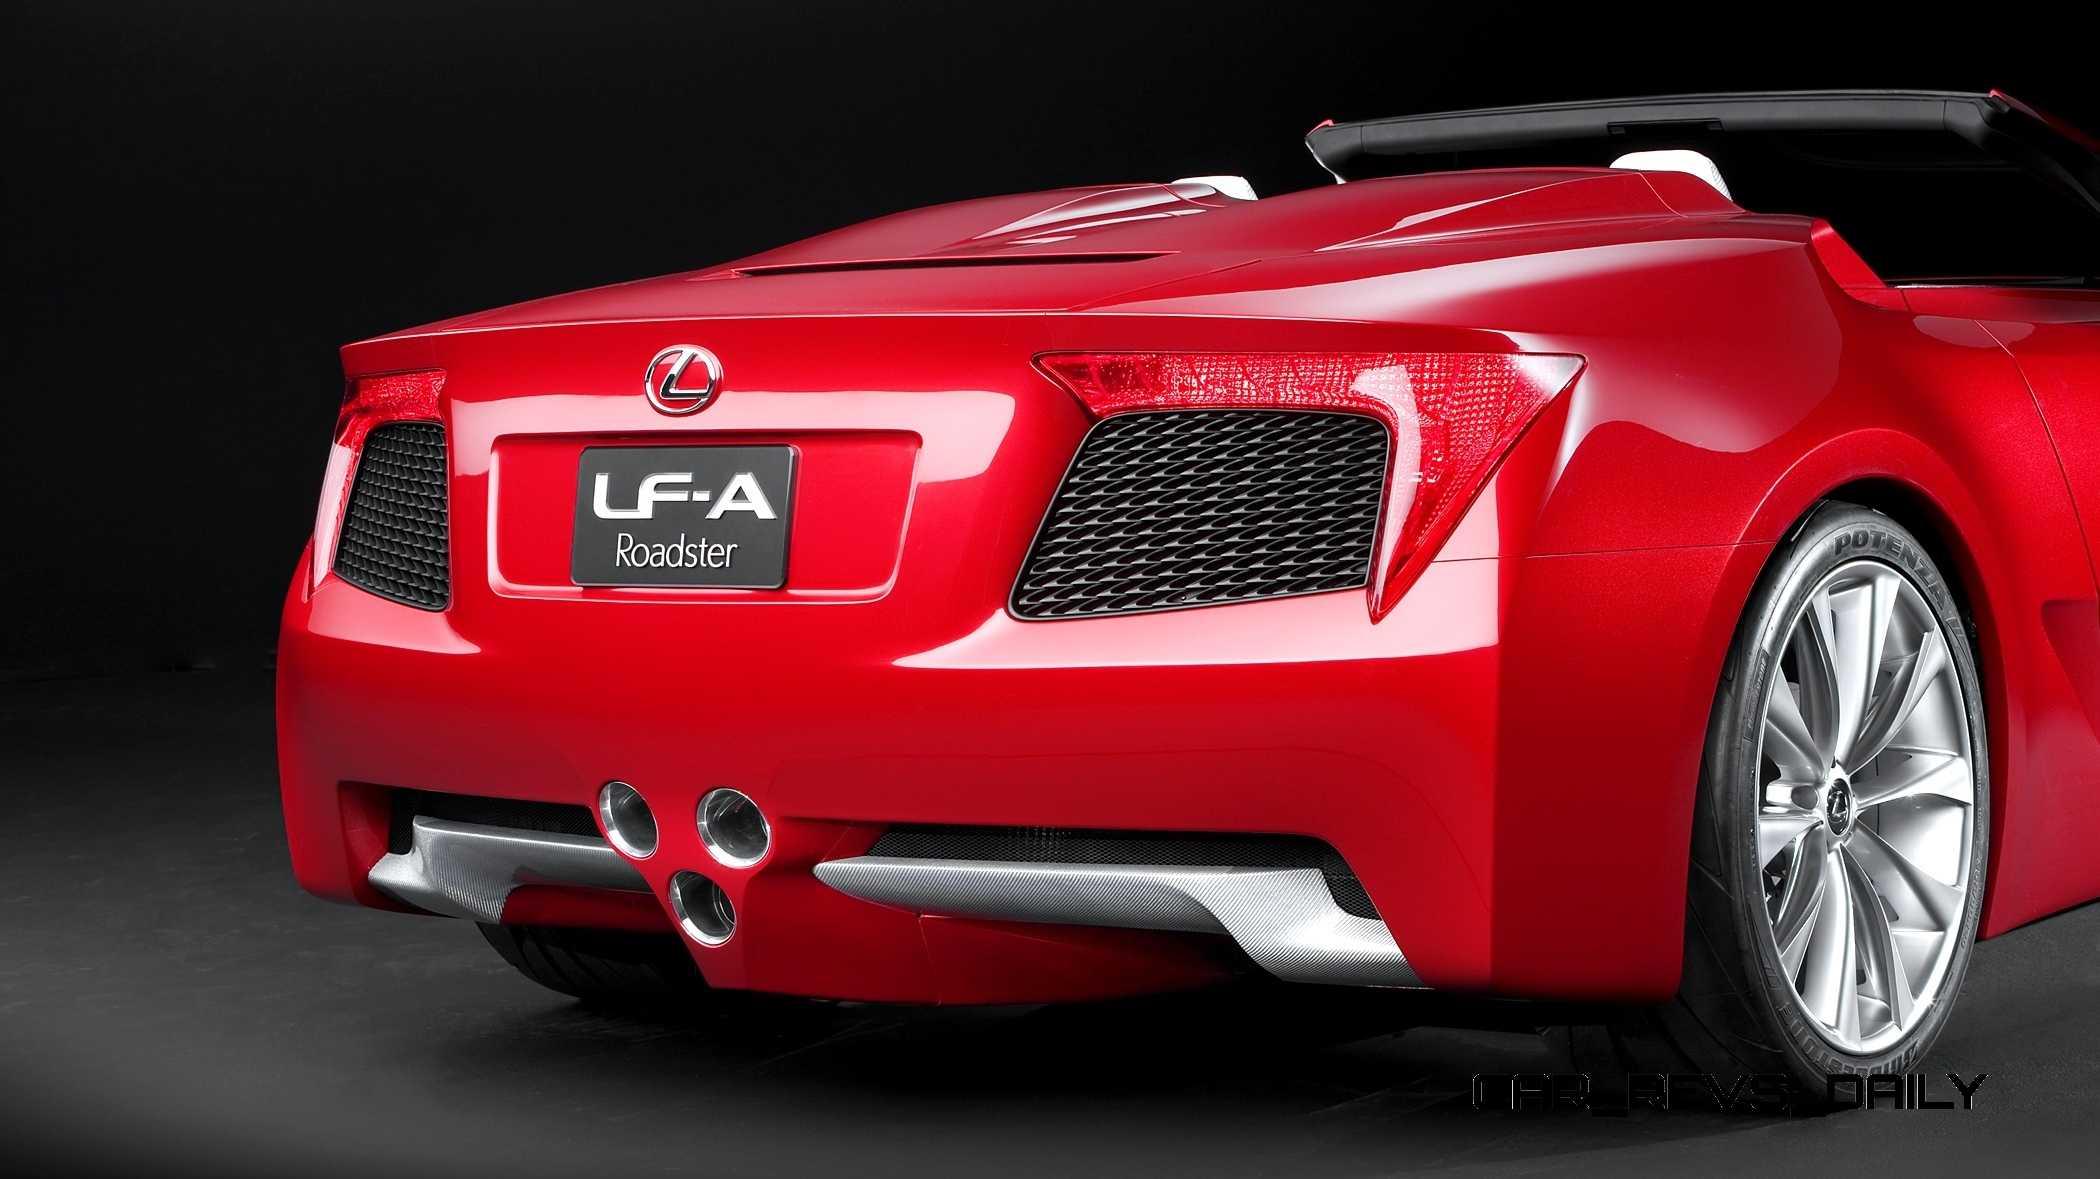 http://www.car-revs-daily.com/wp-content/uploads/2014/10/2007-Lexus-LF-A-Roadster-5.jpg